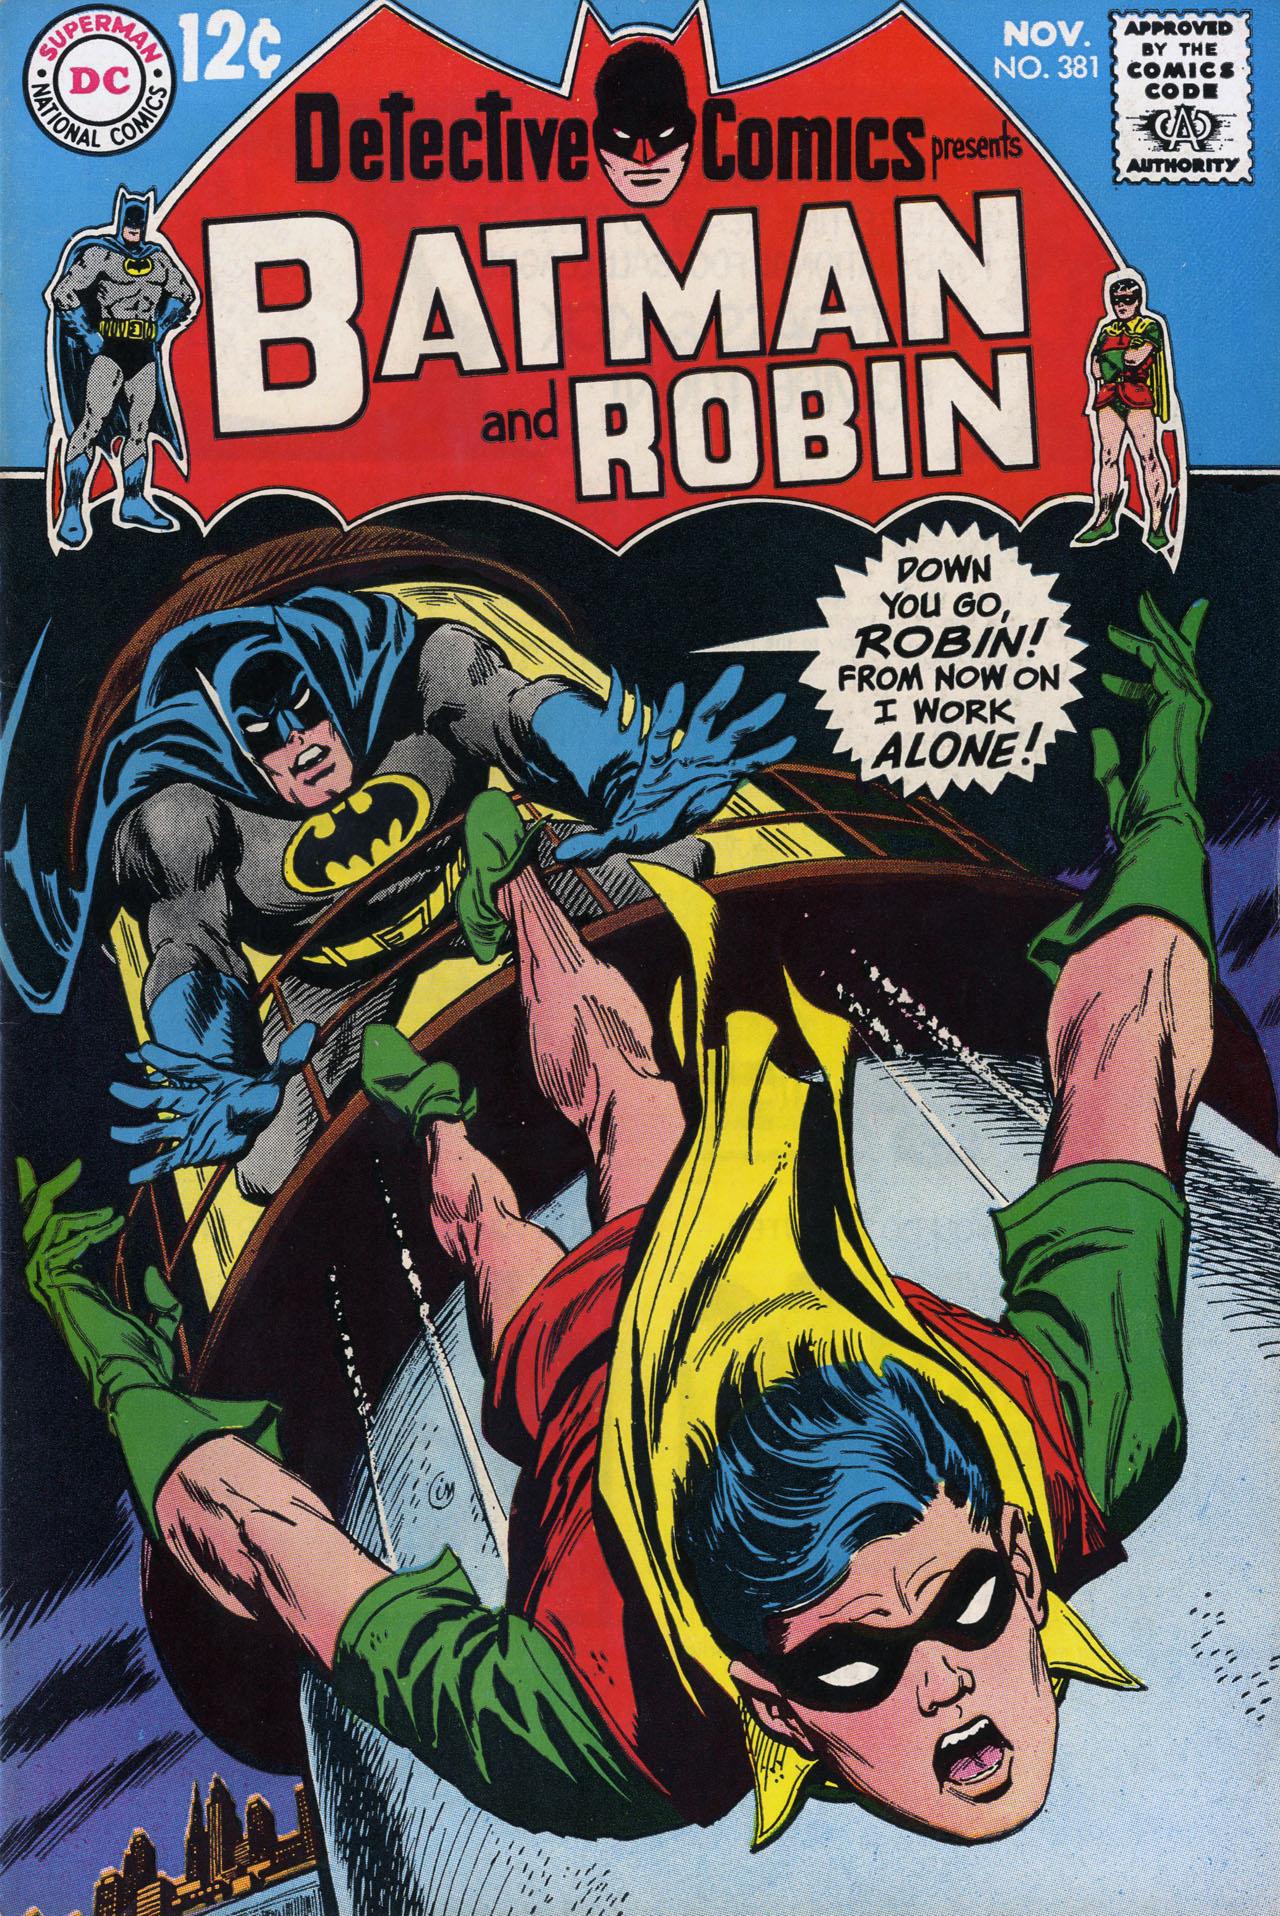 Detective Comics Vol 1 381